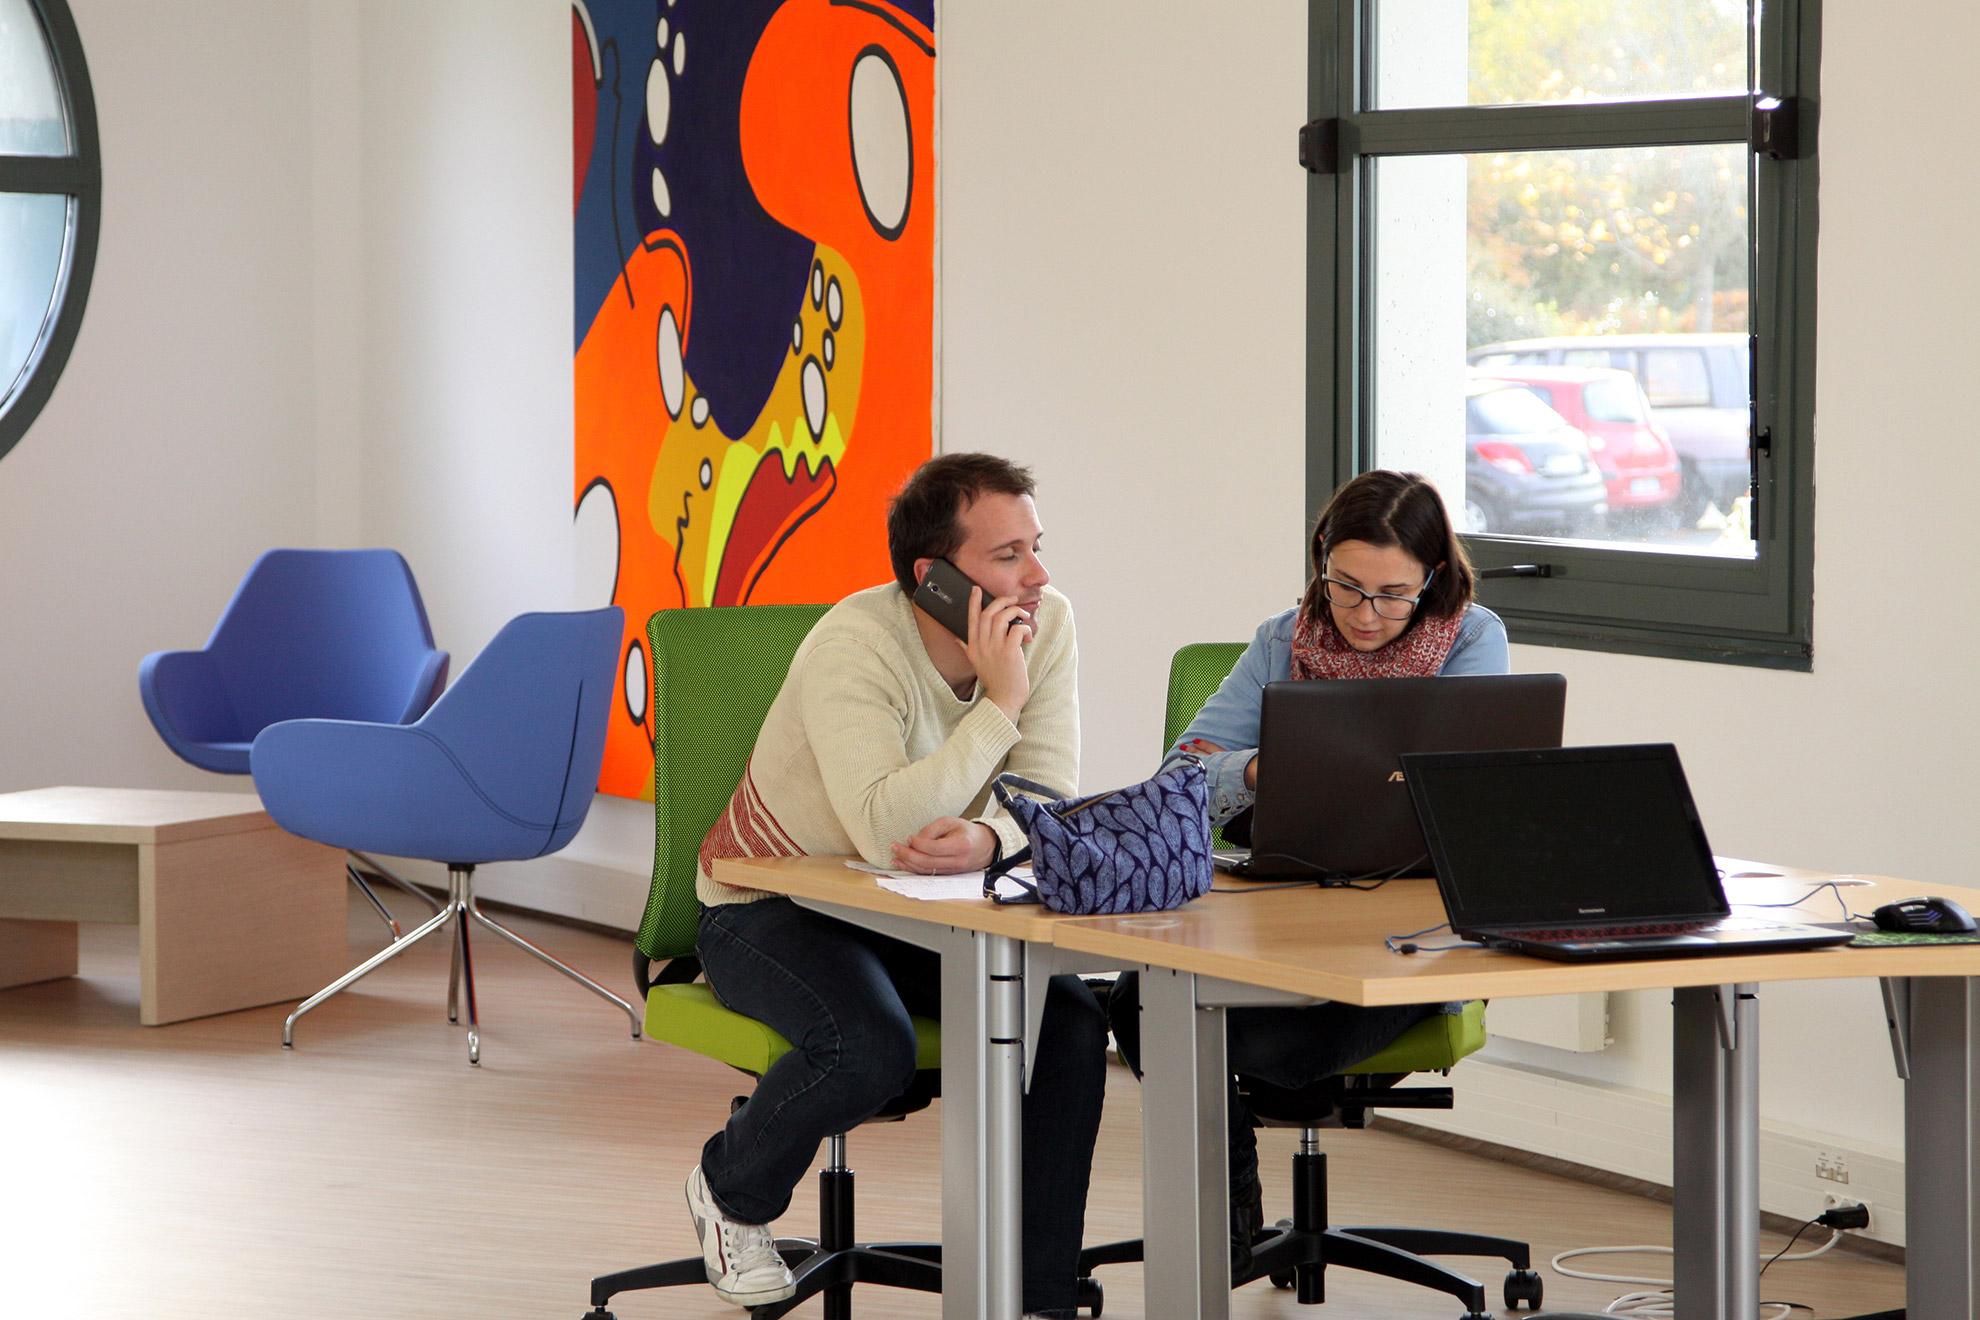 2 employés collaborent dans l'espace de Coworking Outremer